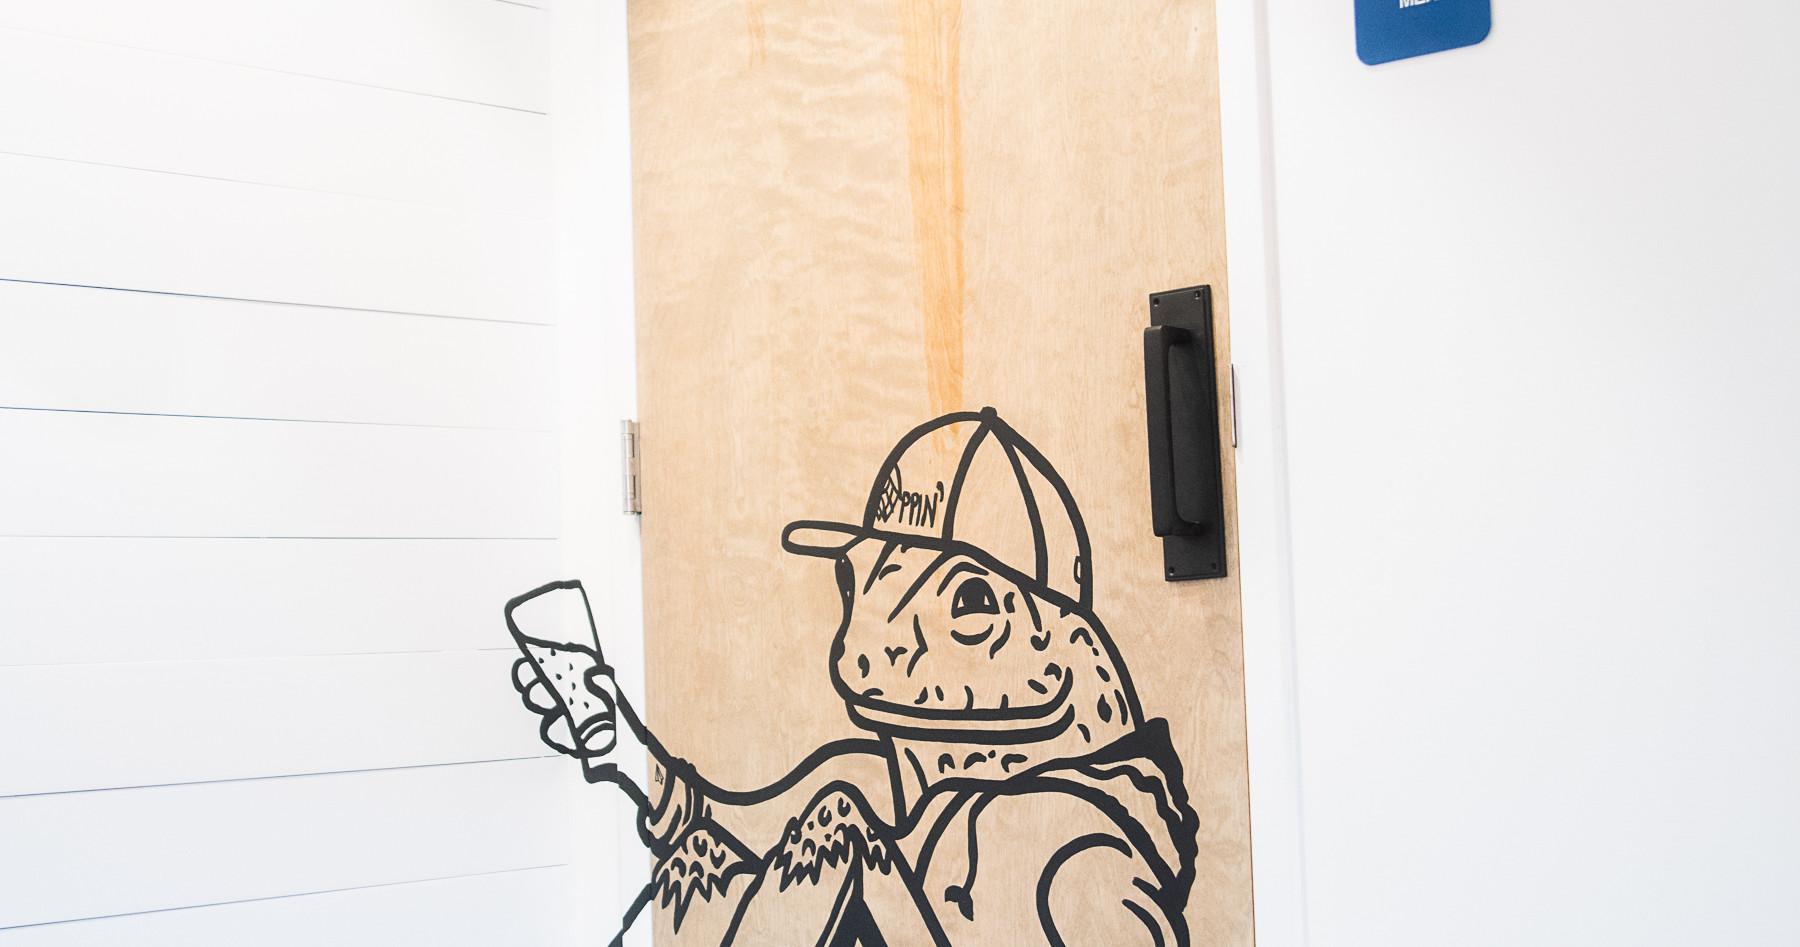 Hoppin' Urban Frog Bathroom Door